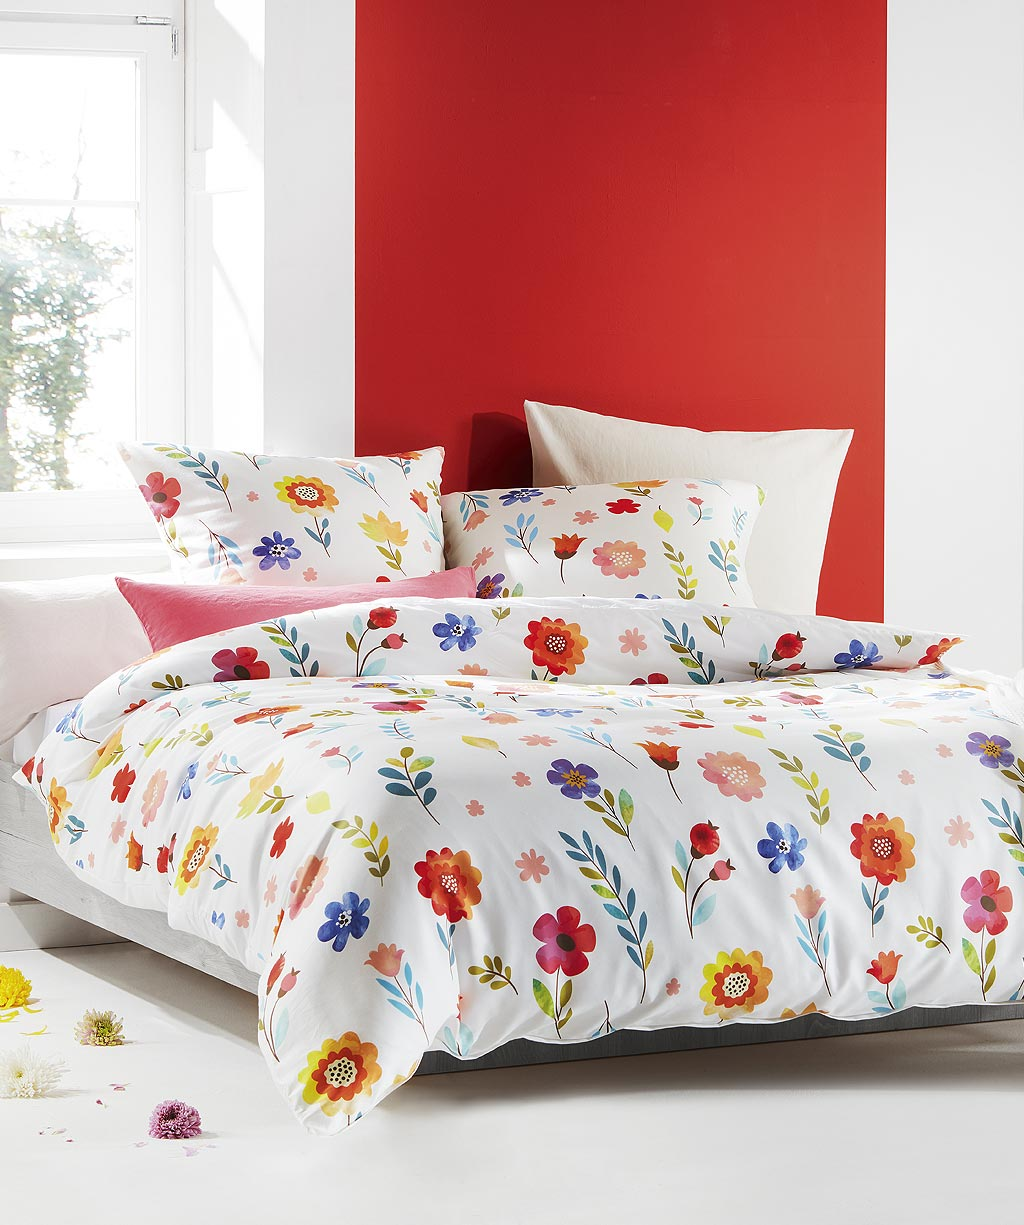 Hochwertige Mako Satin Bettwäsche mit Retro Blumen Muster